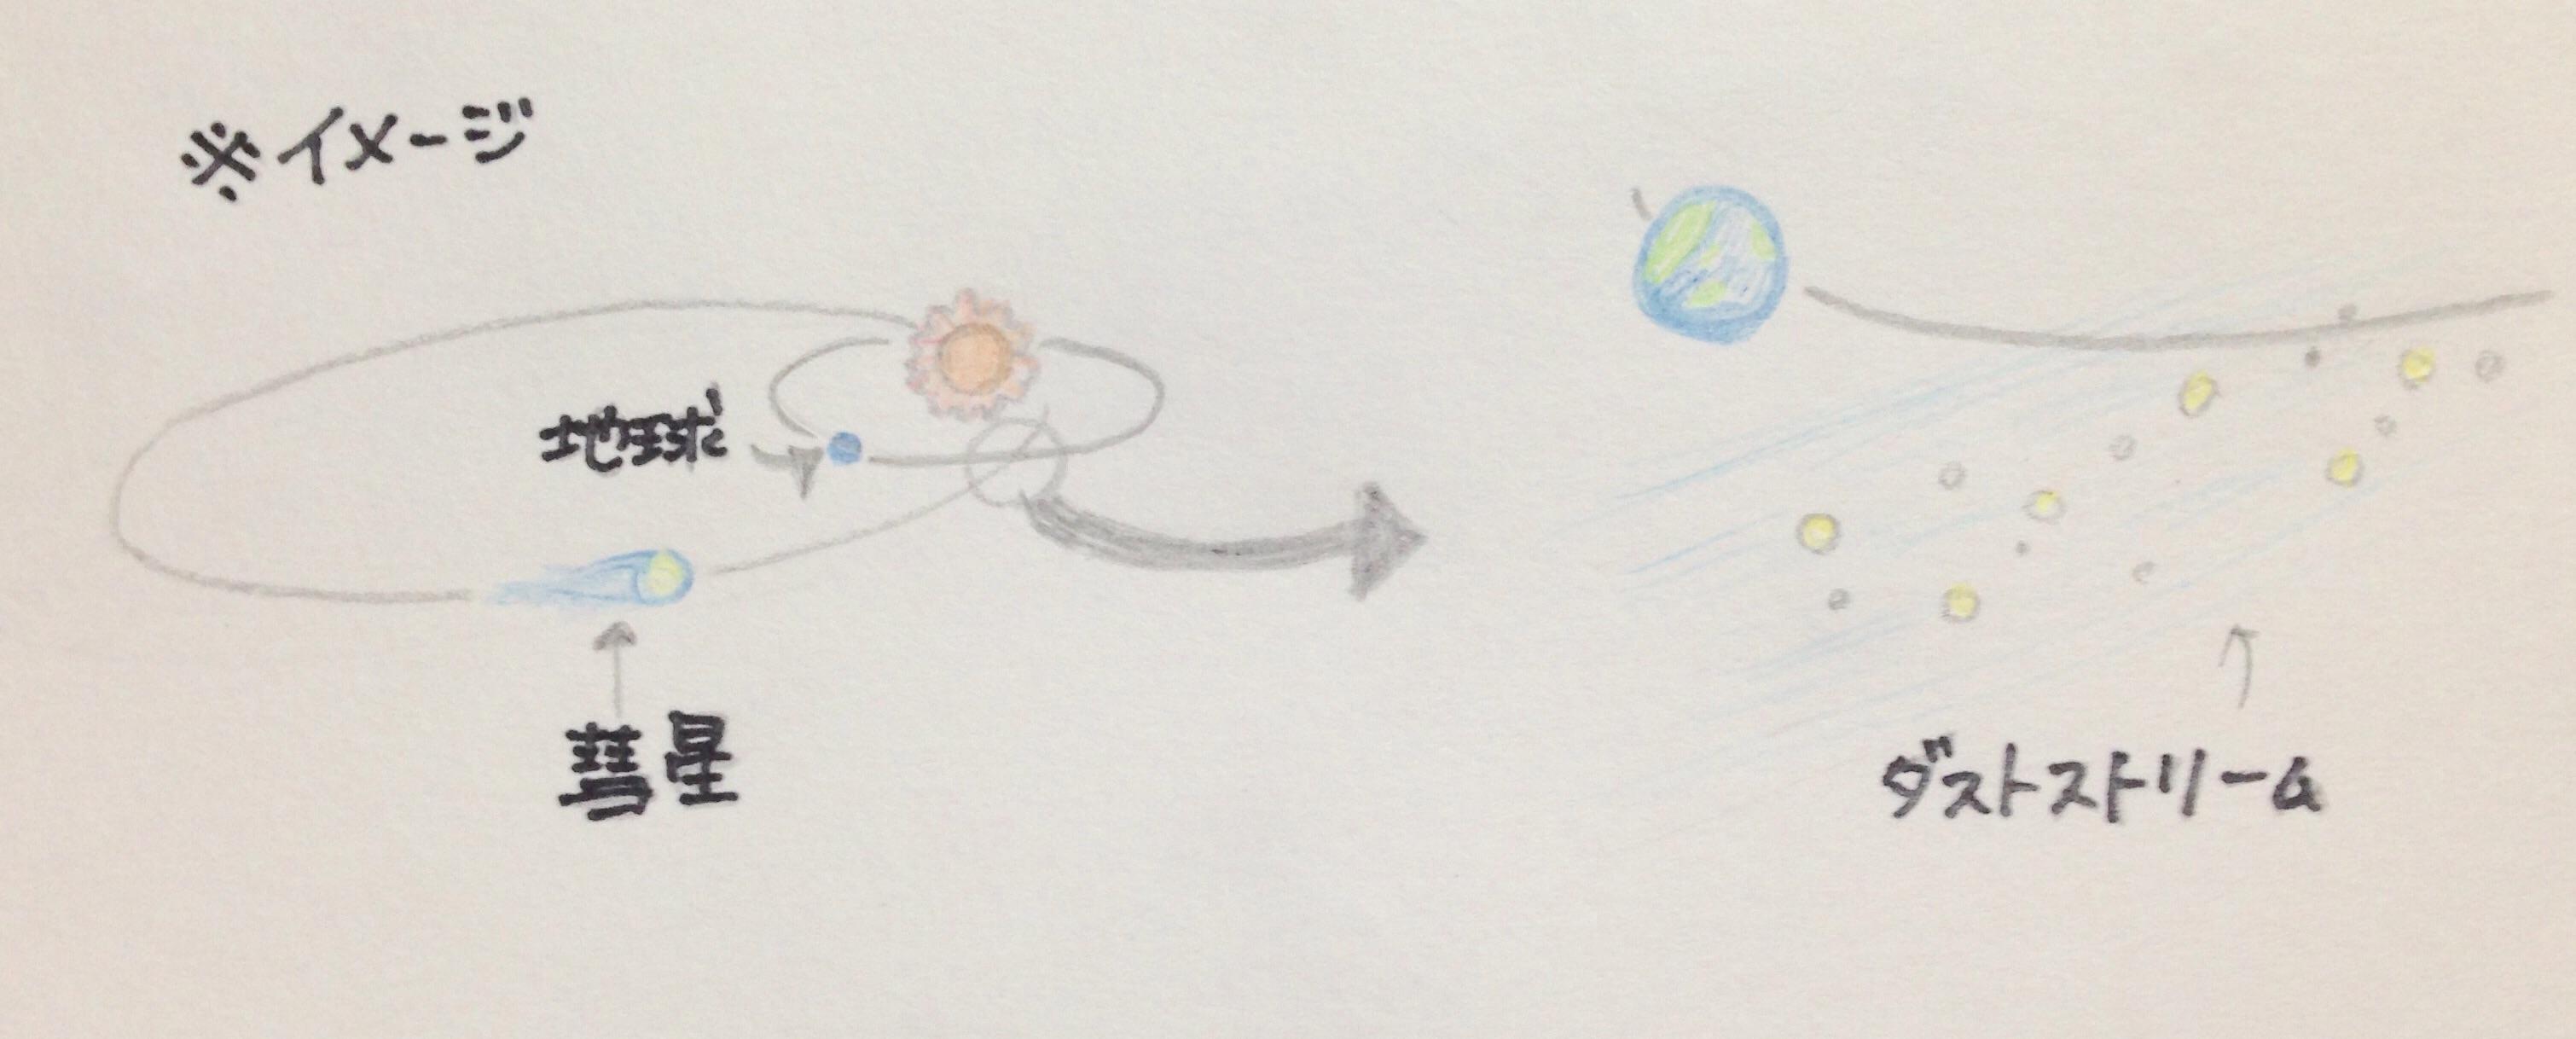 地球と彗星の軌道